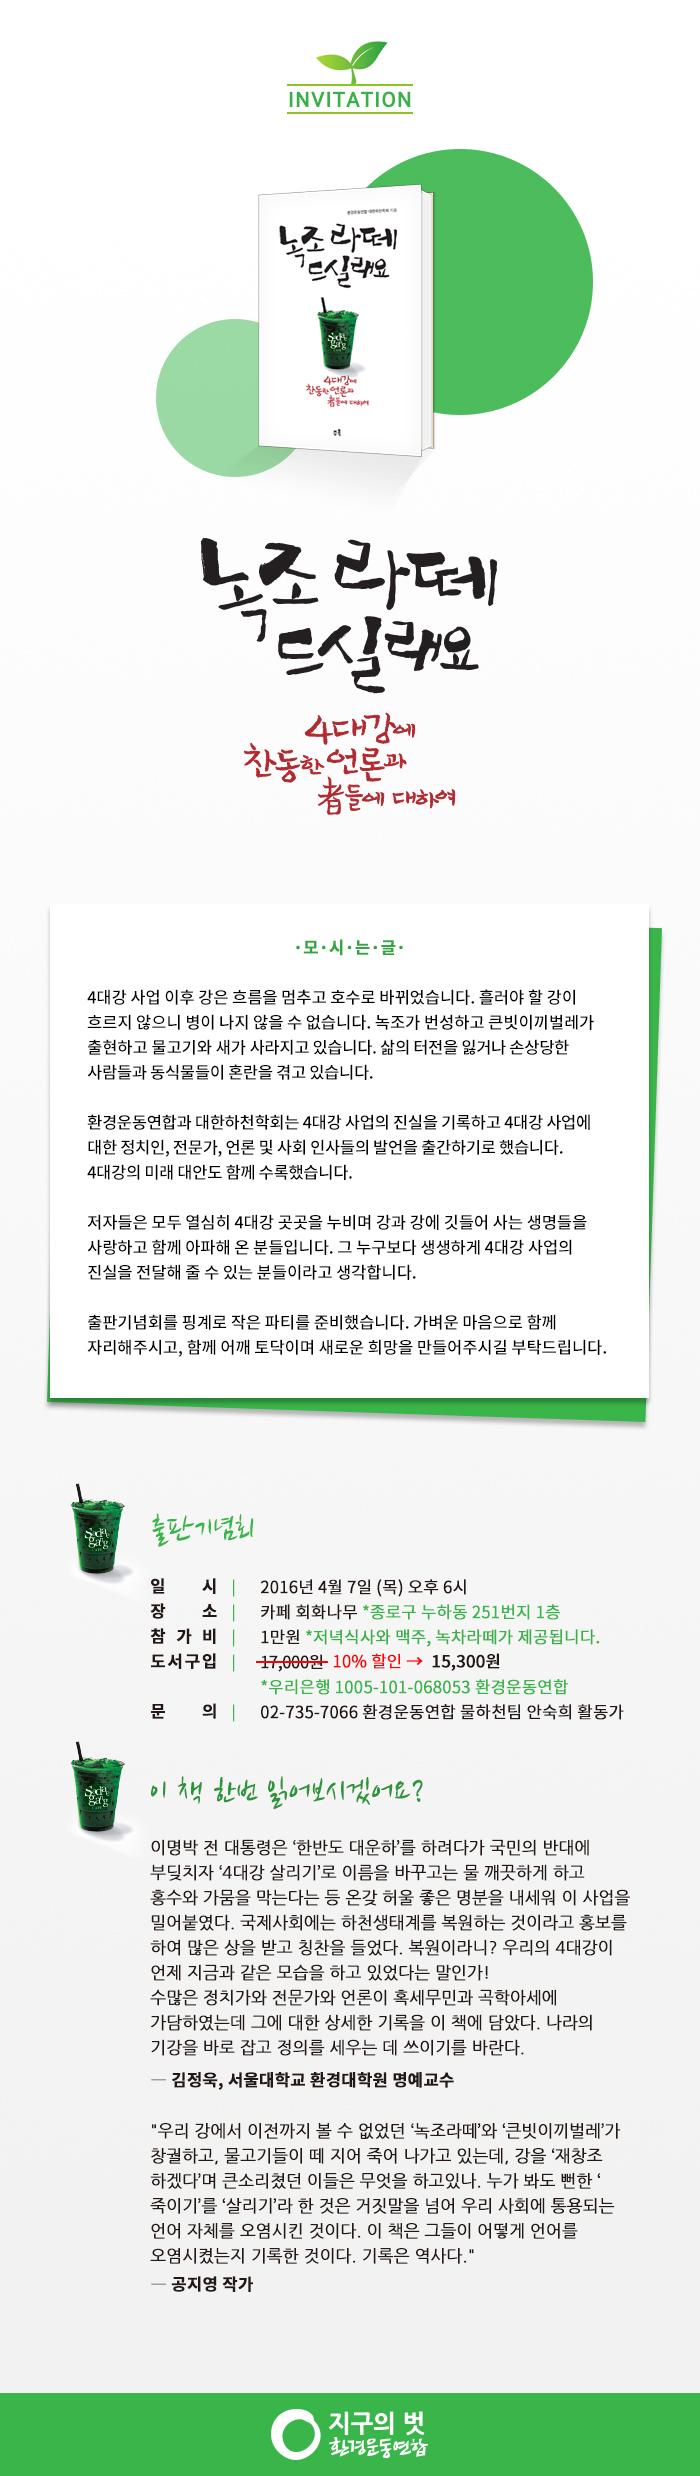 녹조라떼 출판기념회-20160404